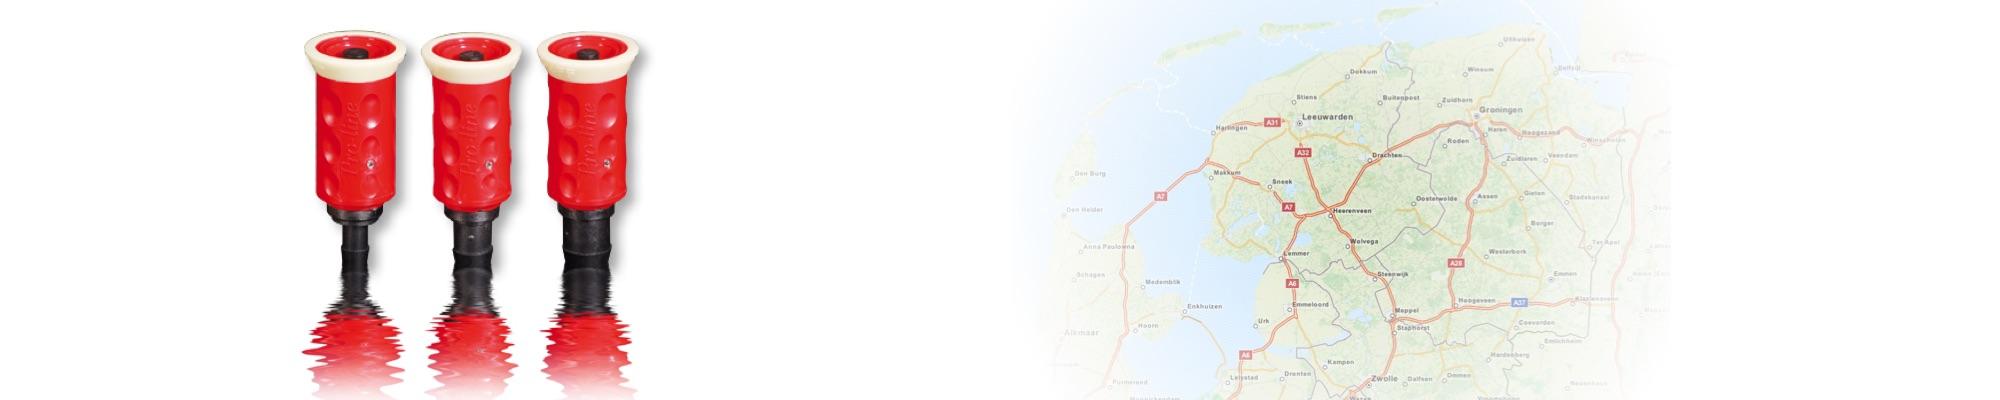 Teuben Brandbeveiliging - Dagelijks actief in de noordelijke provincies